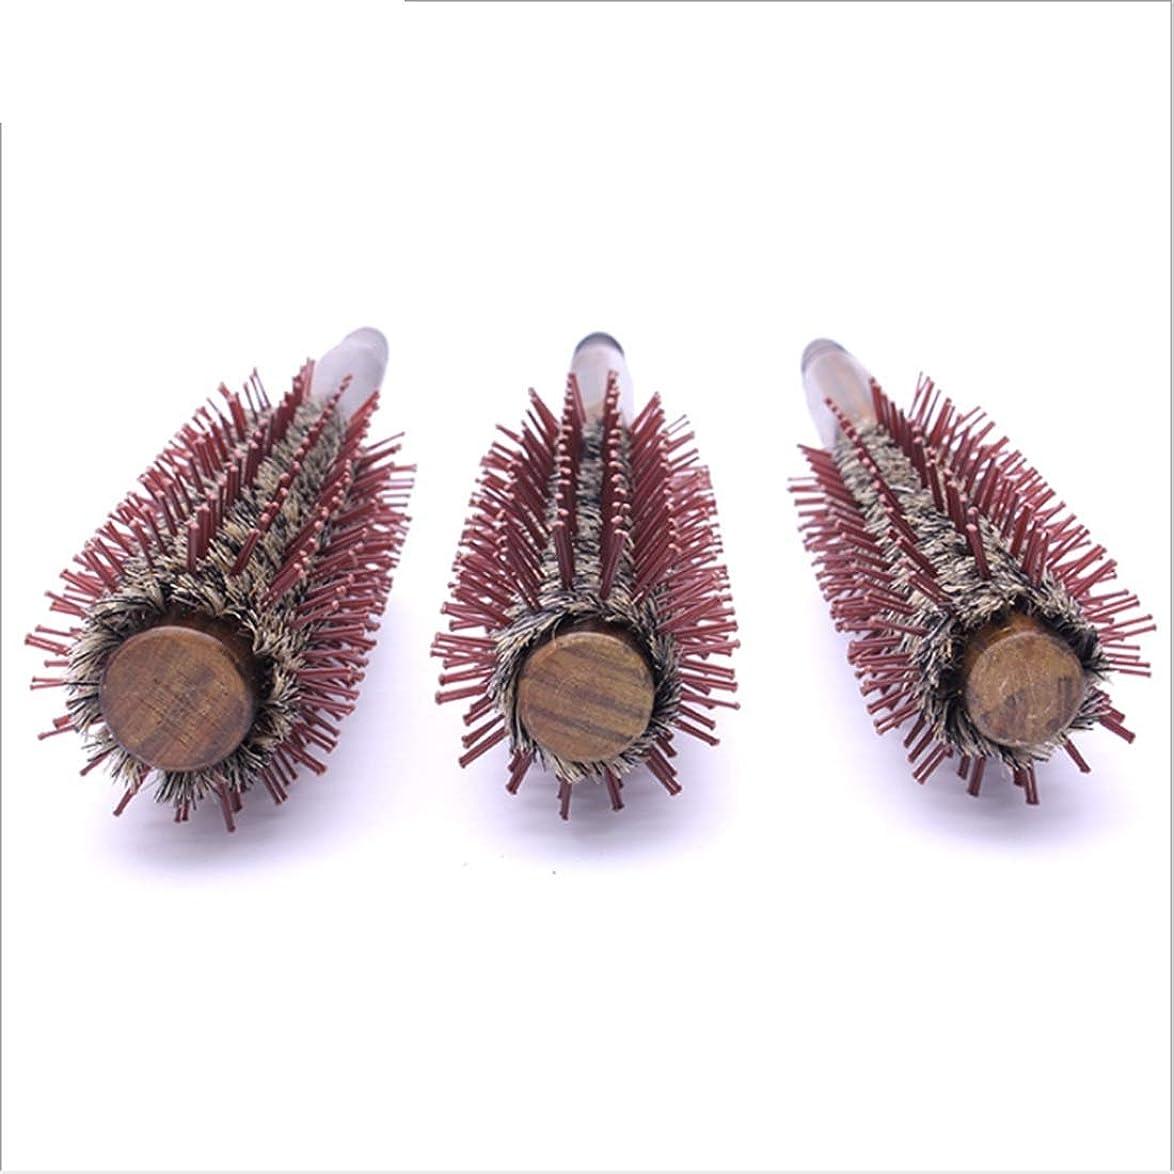 著作権バーチャル気球木のハンドルが付いている自然なイノシシの剛毛の円形のヘア?ブラシ、円形の櫛の直線11インチの長さ、毛の乾燥のためのスタイリングの基本、スタイリング モデリングツール (サイズ : L)